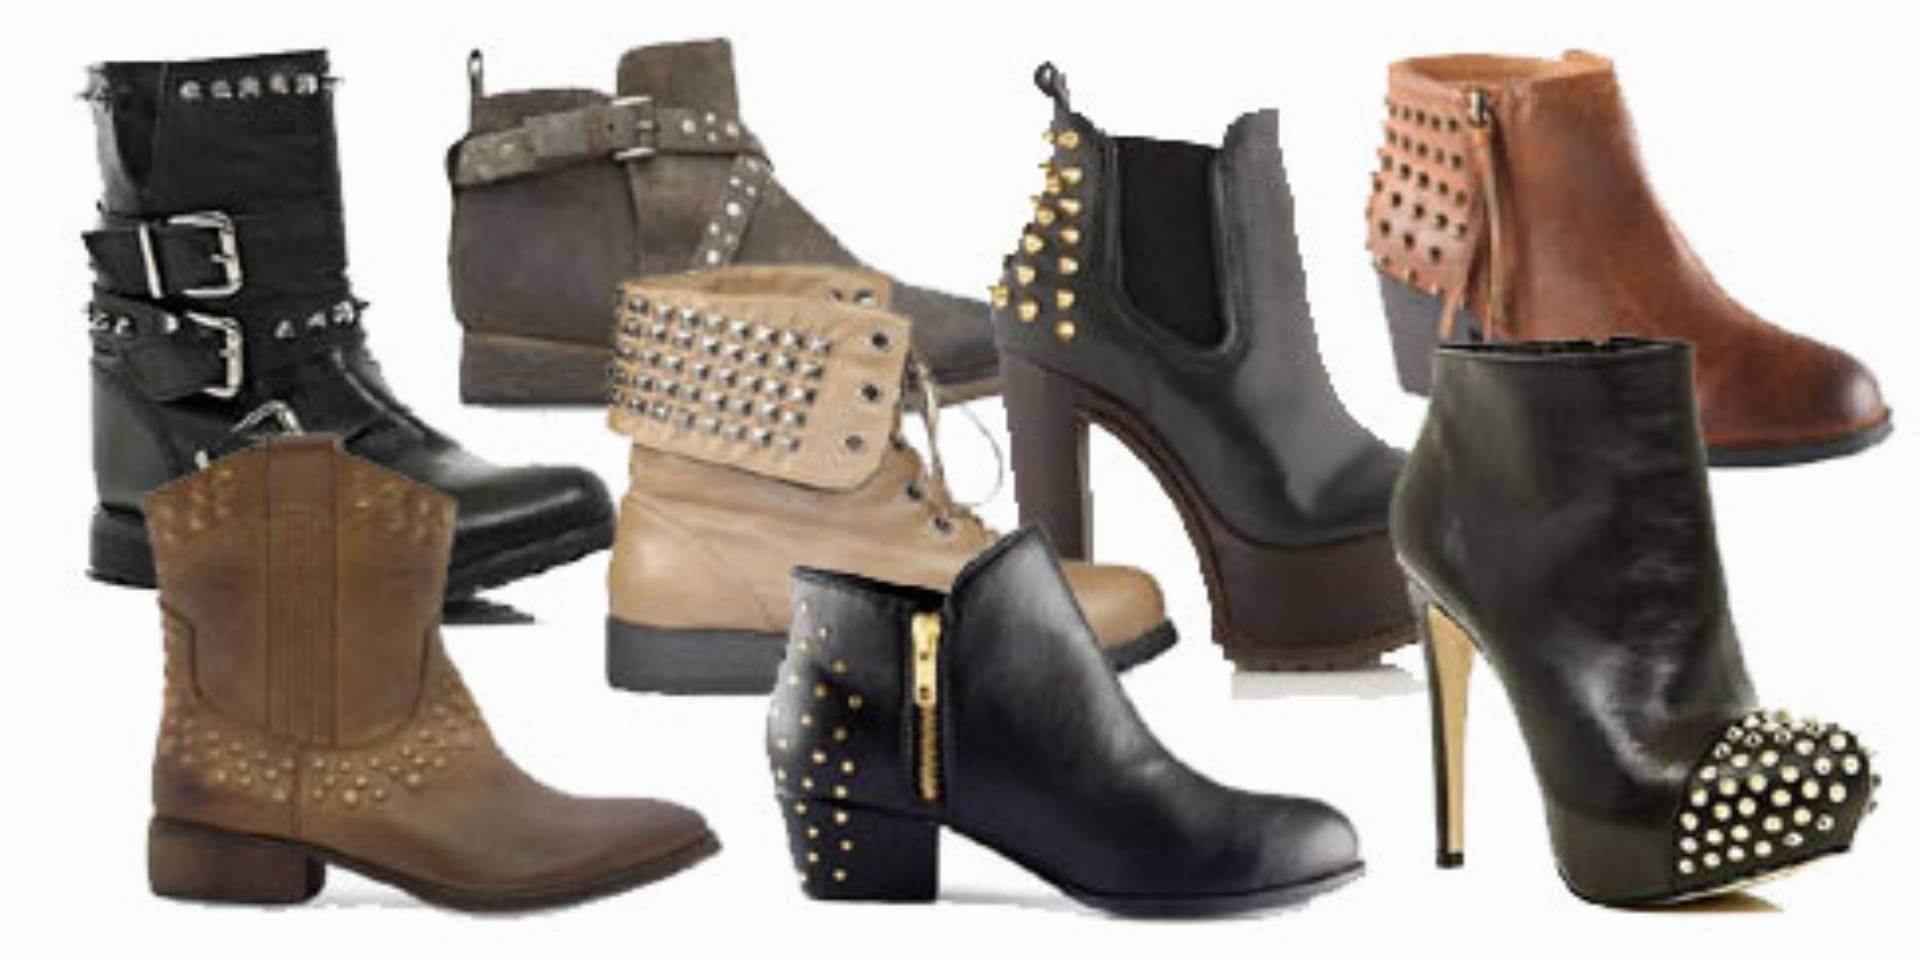 Ciężkie buty zima 2012/2013